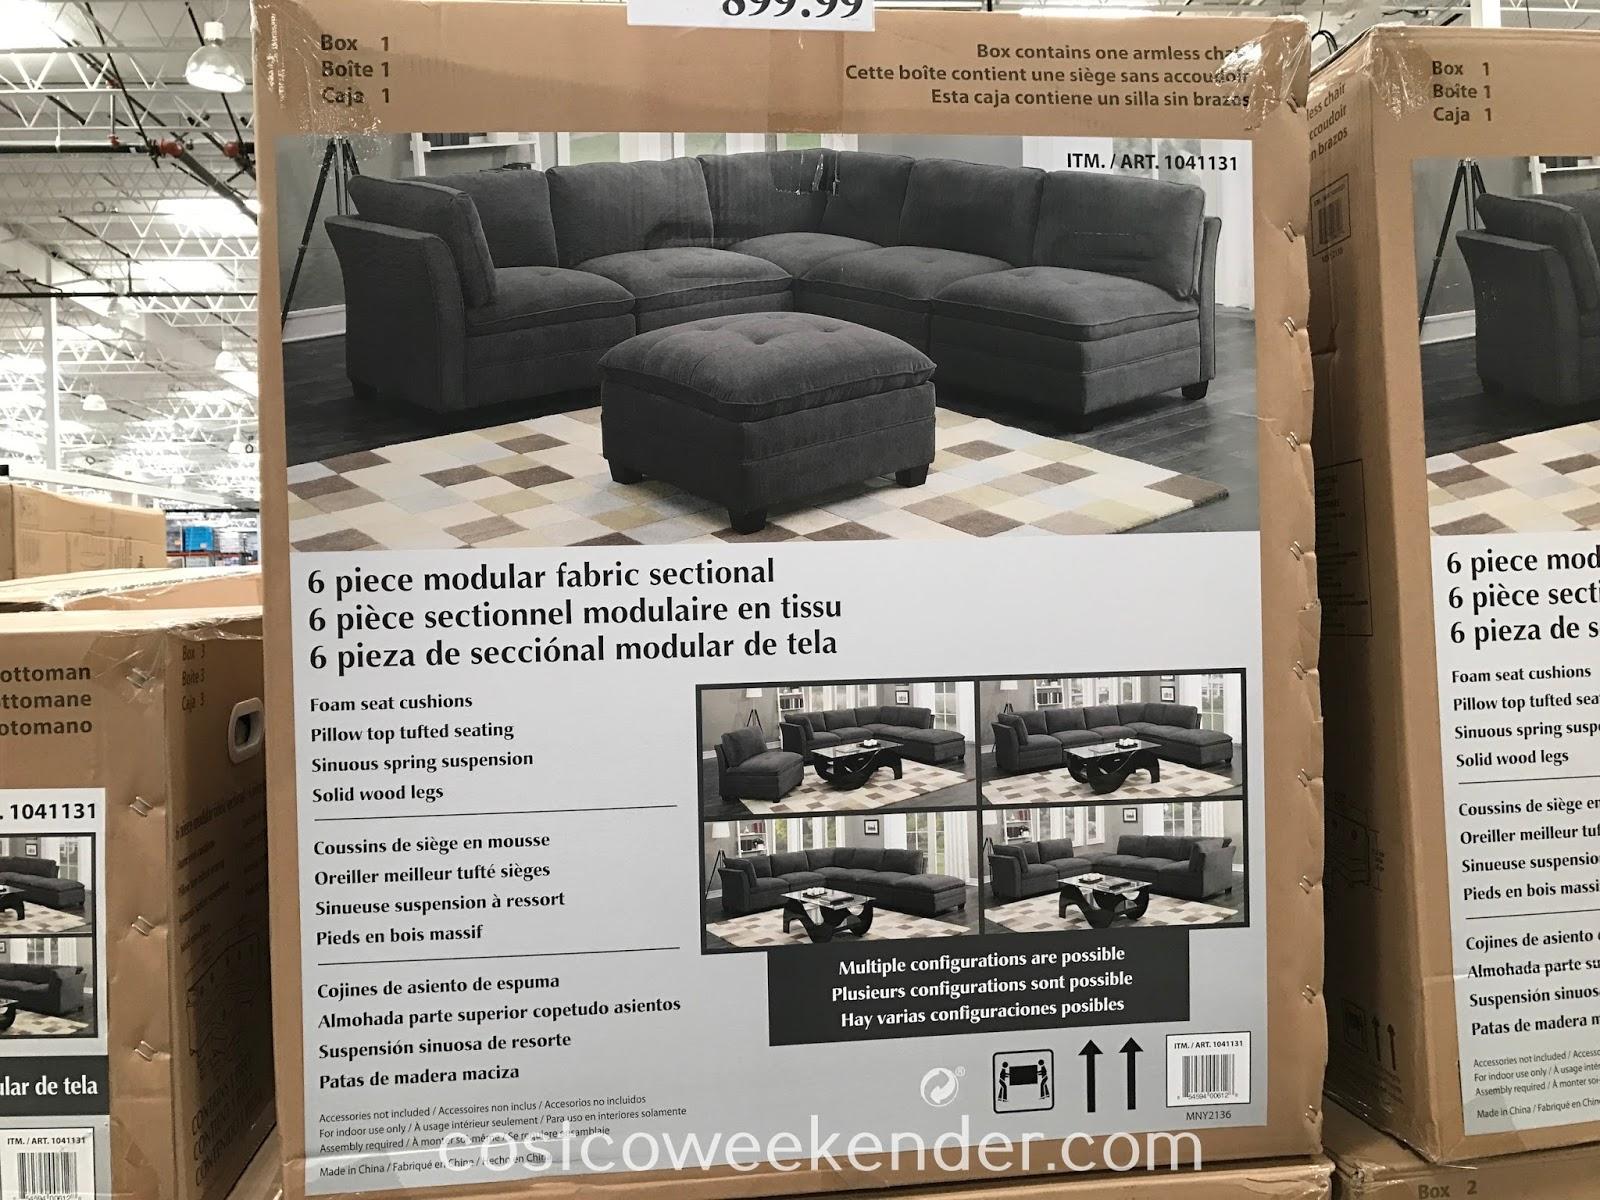 6 piece modular fabric sectional